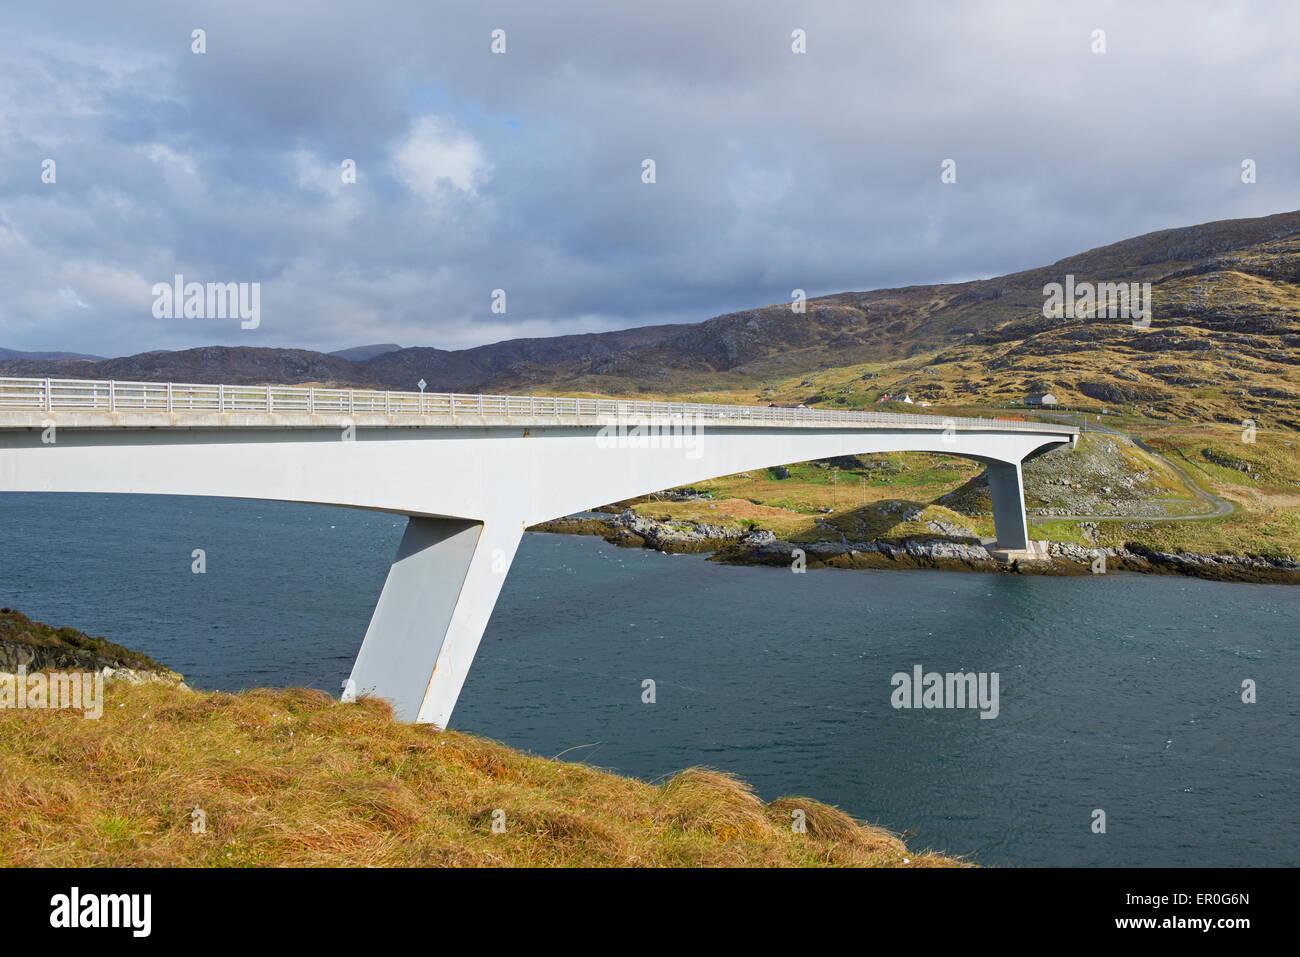 Scalpay Bridge, linking Harris to the island of Scalpay, Outer Hebrides, Scotland UK - Stock Image